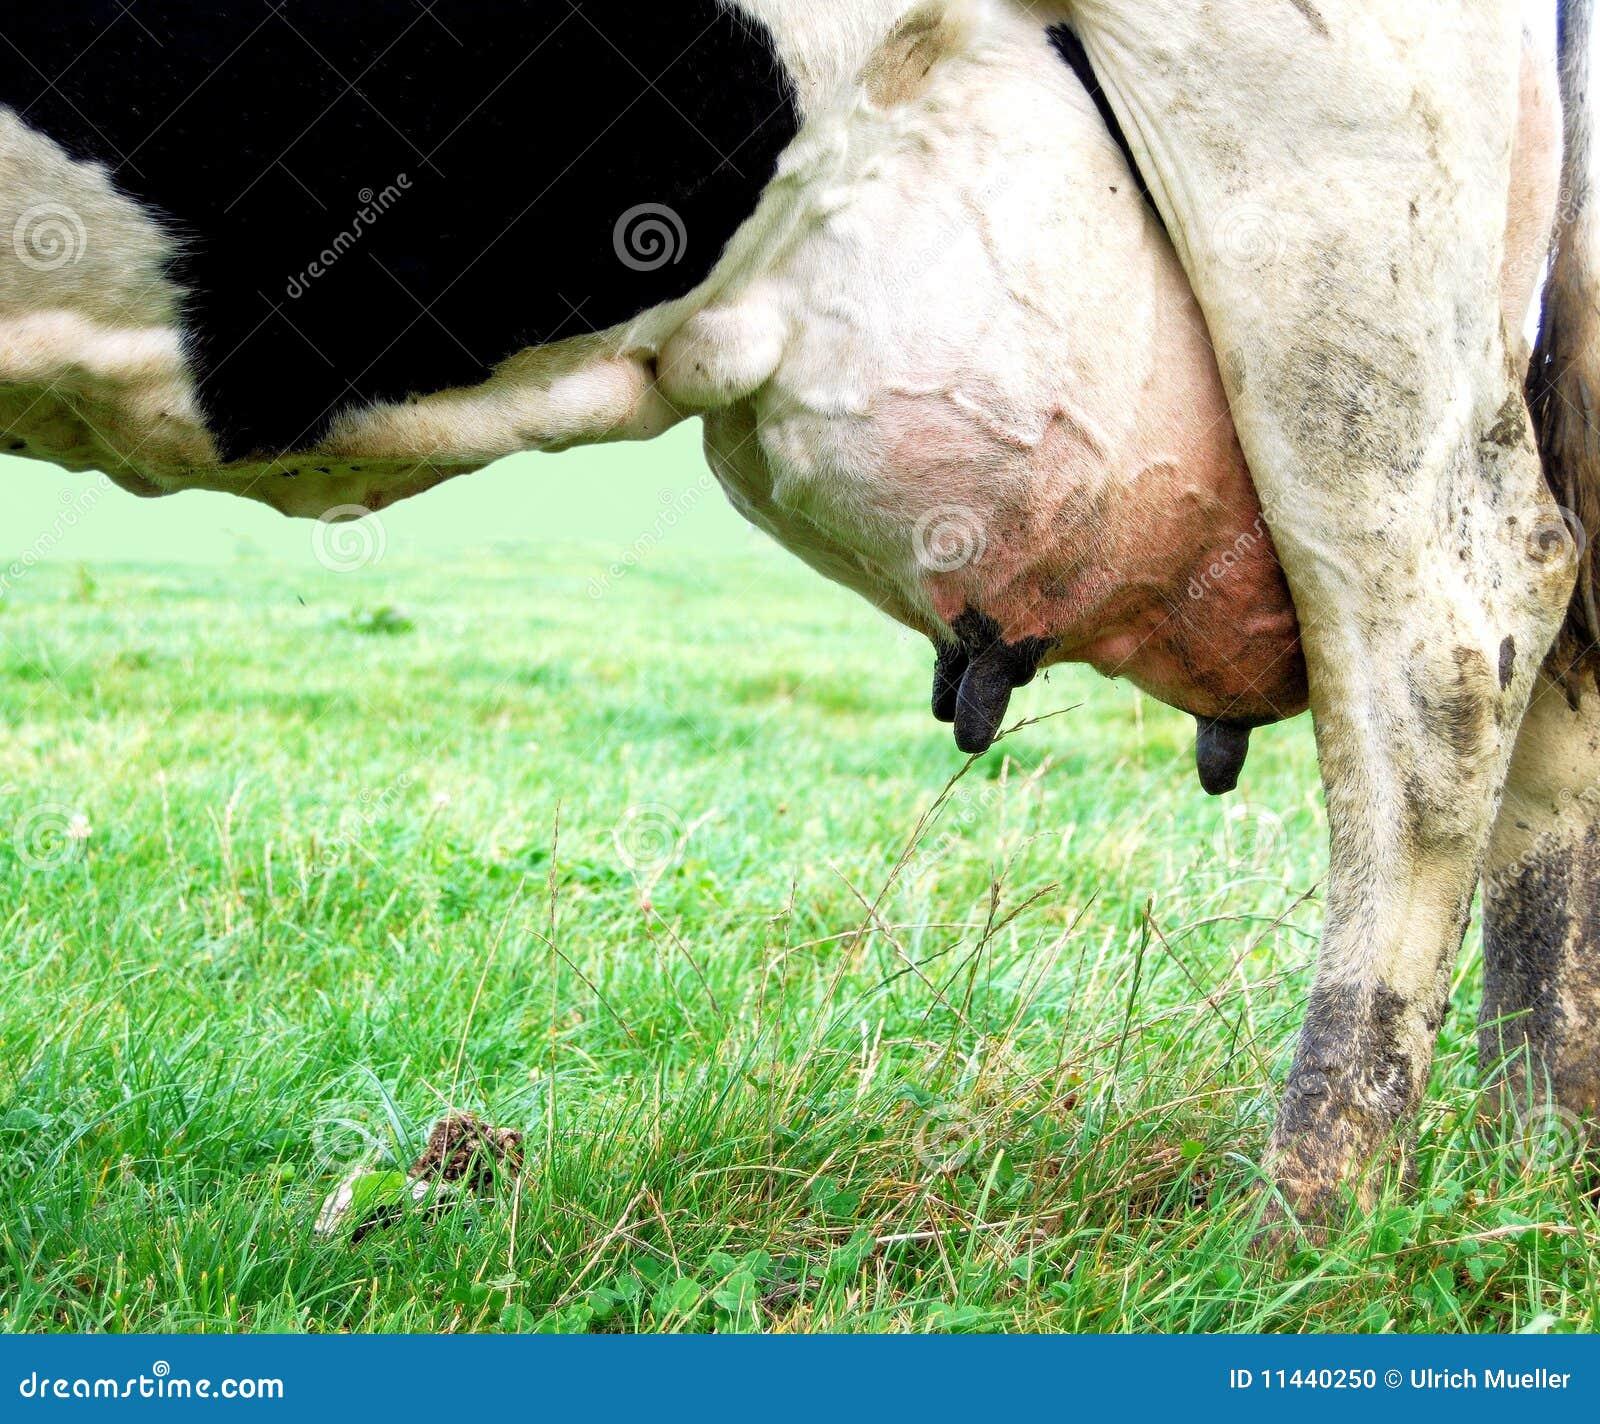 Udder Of Cow Stock Image | CartoonDealer.com #25652197